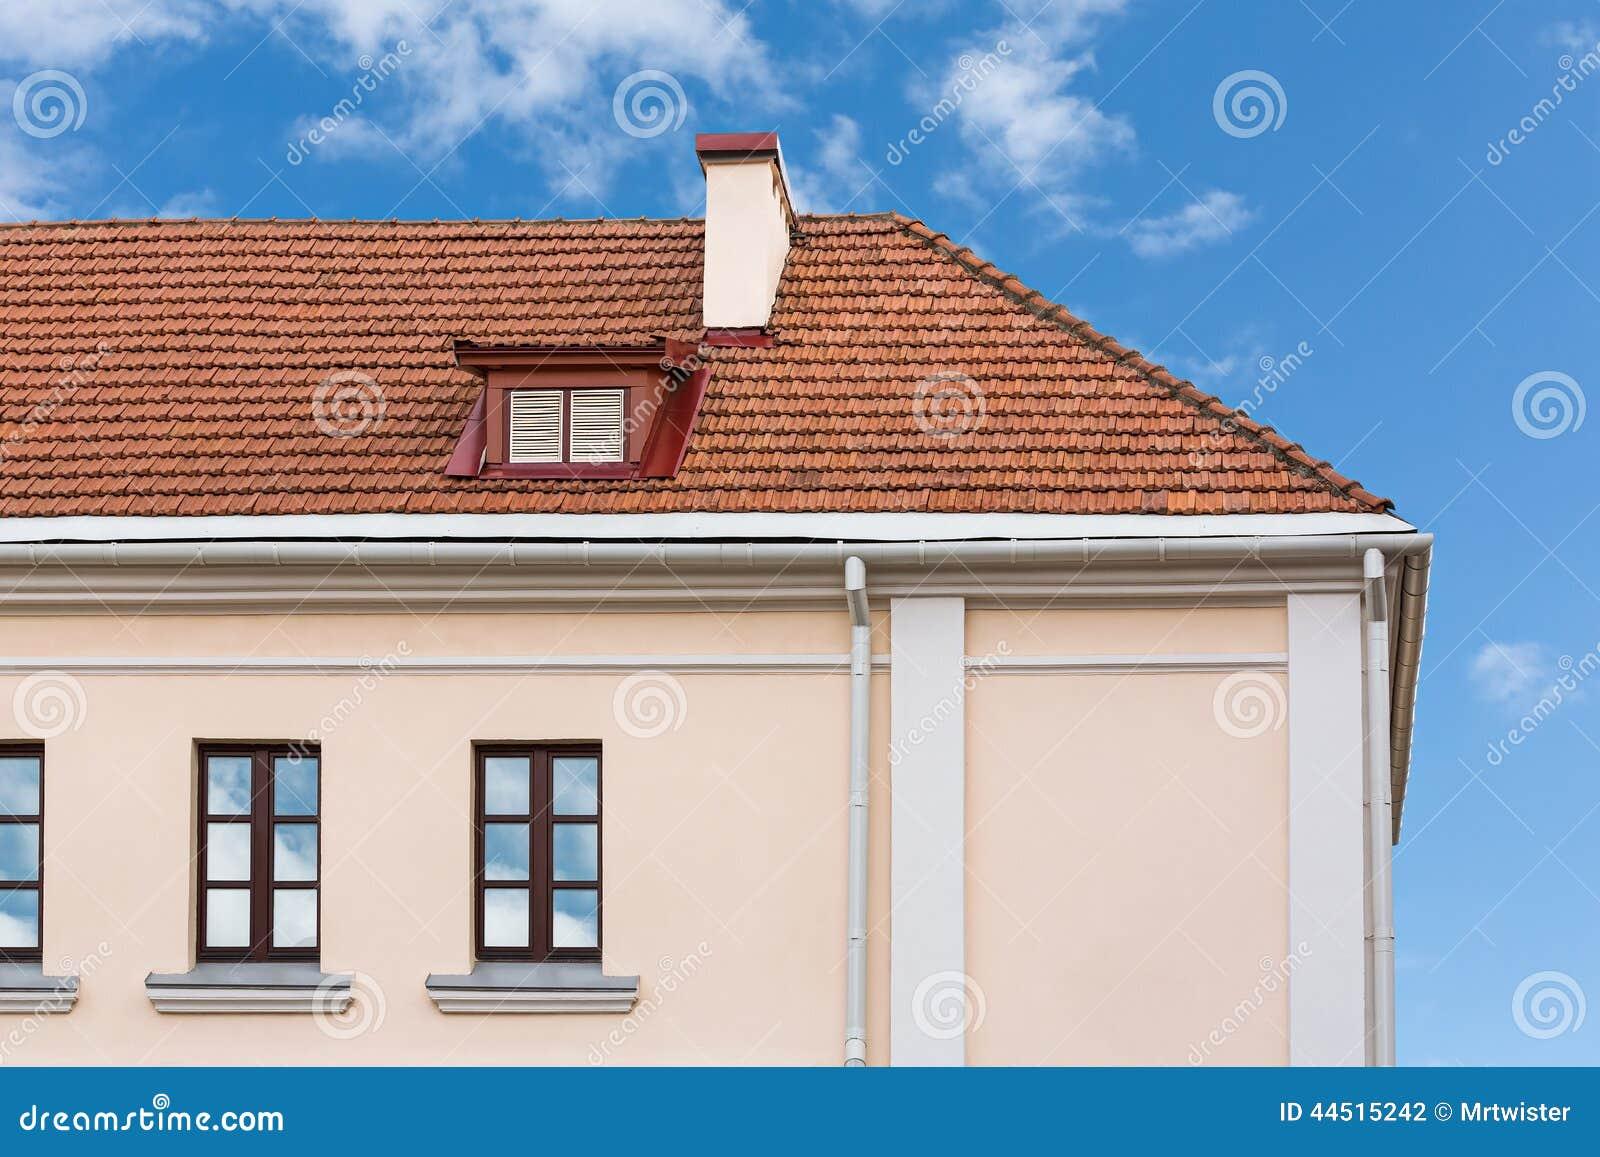 Tejado de la casa con las chimeneas y la ventana - Tipos de tejados para casas ...